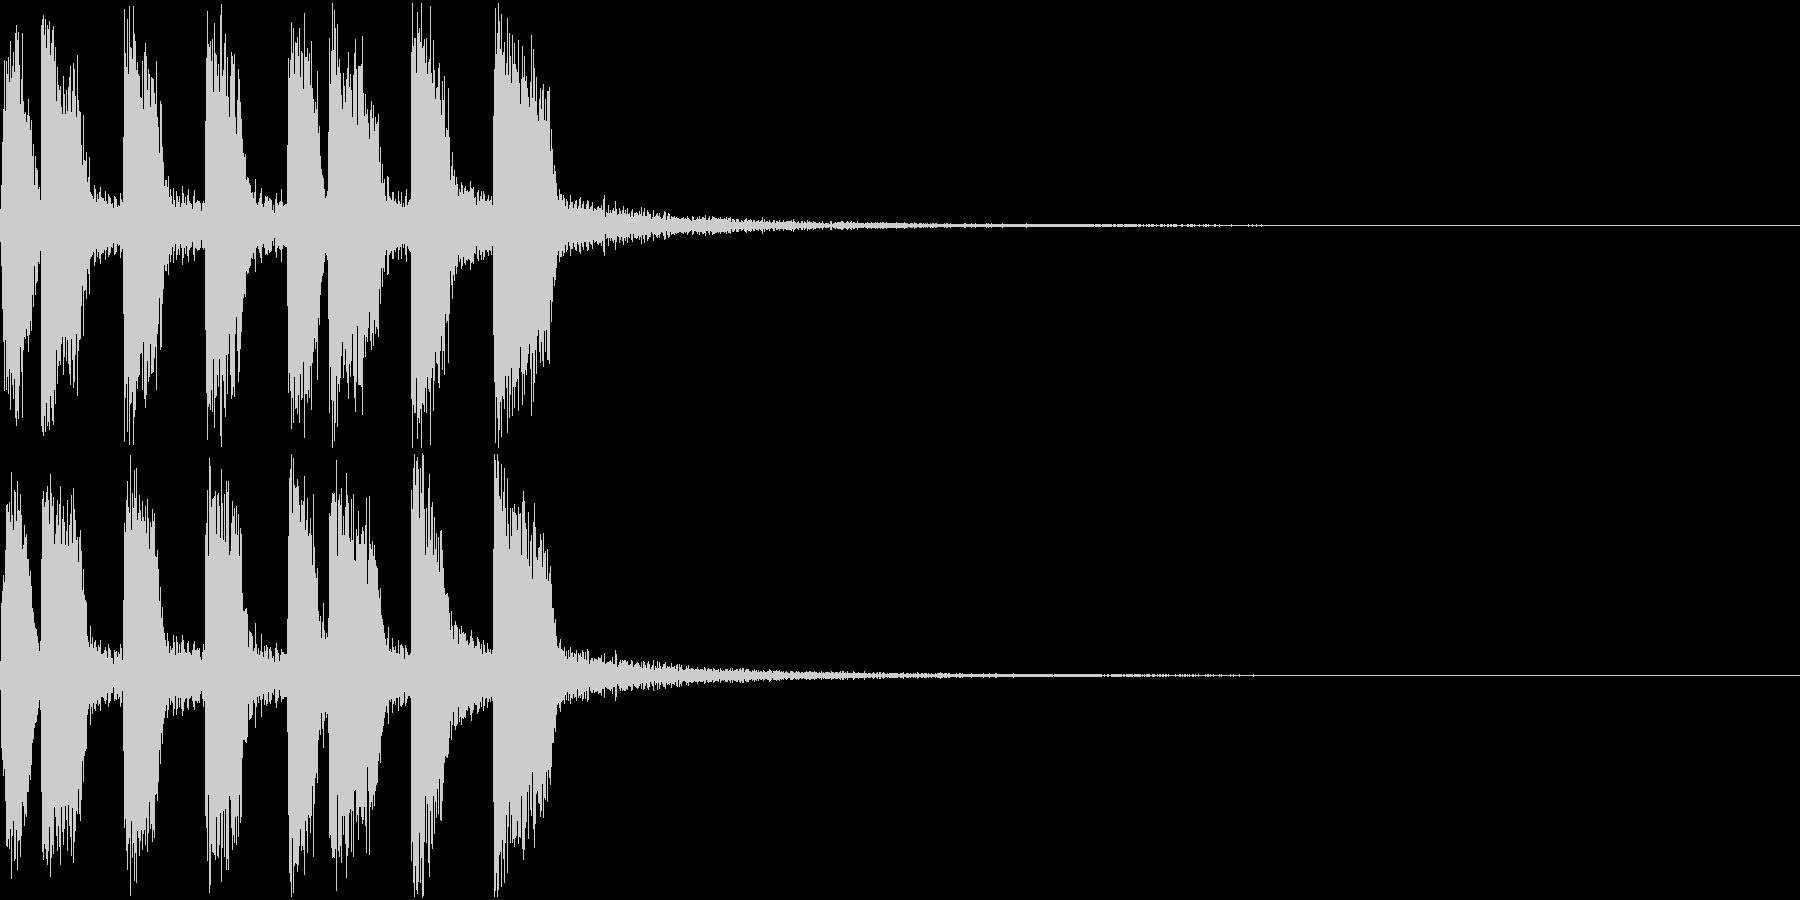 アイテム ファンファーレ ゲット音 3の未再生の波形